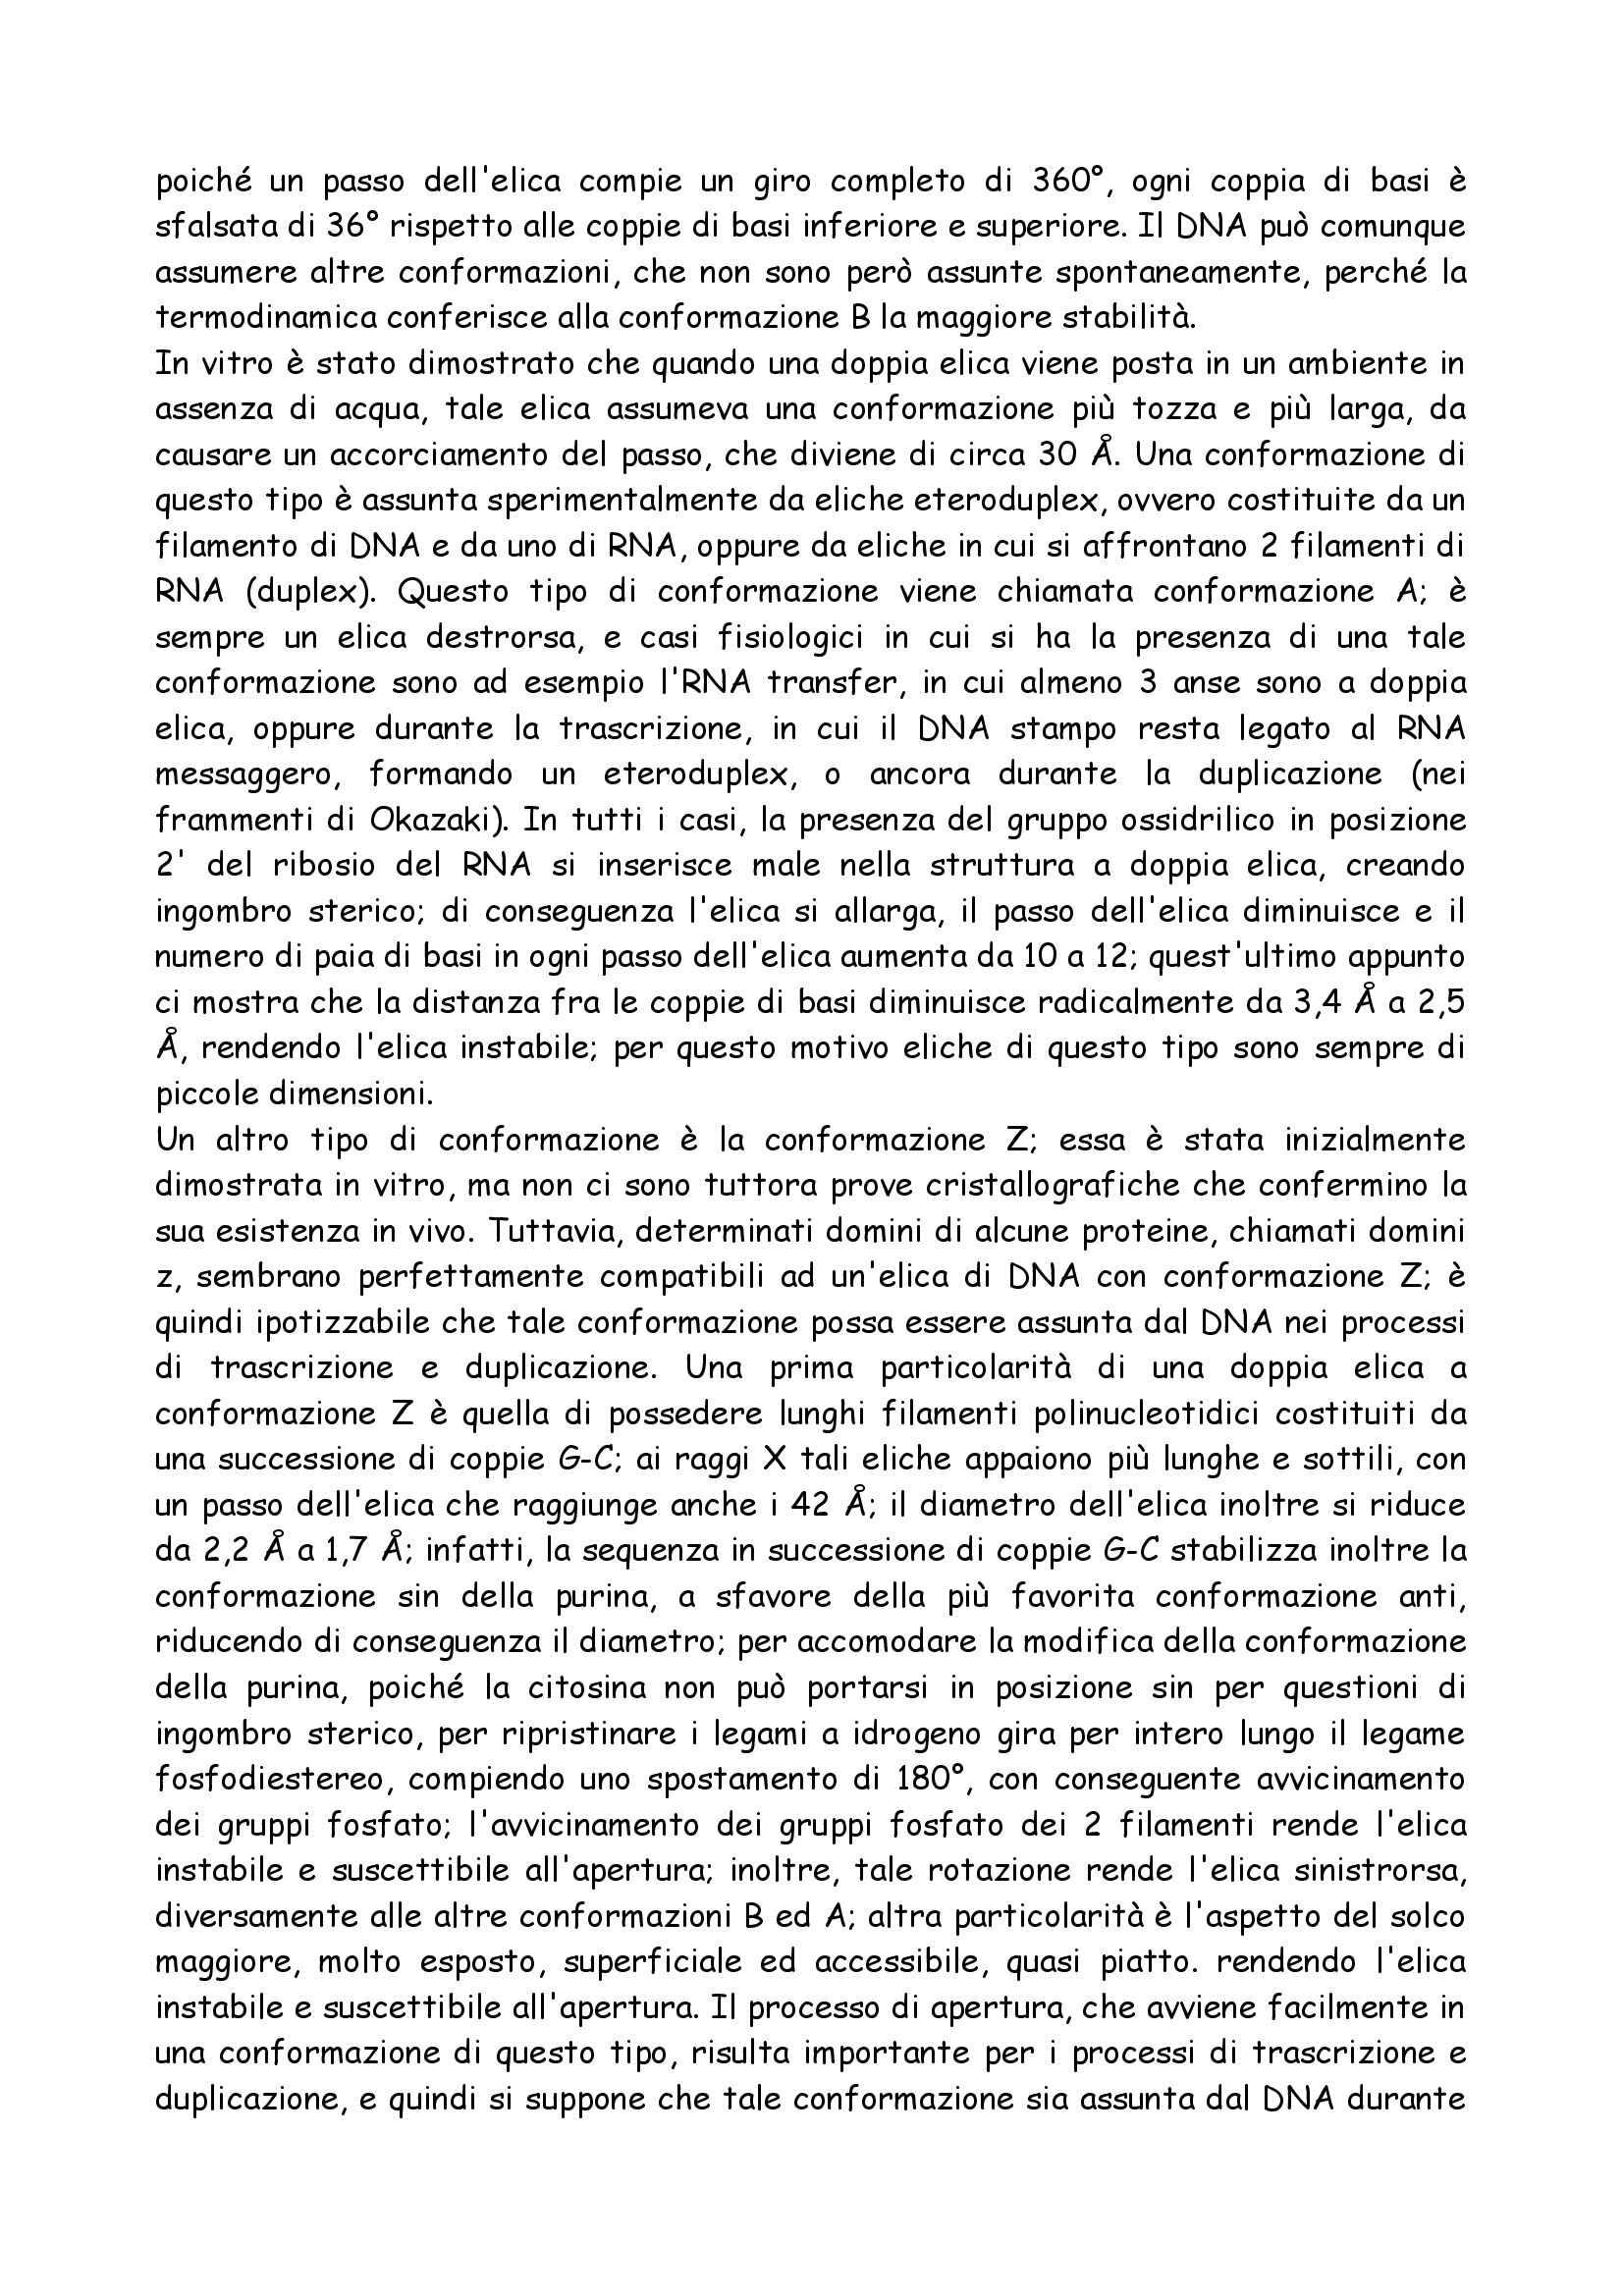 Biologia Molecolare Pag. 6